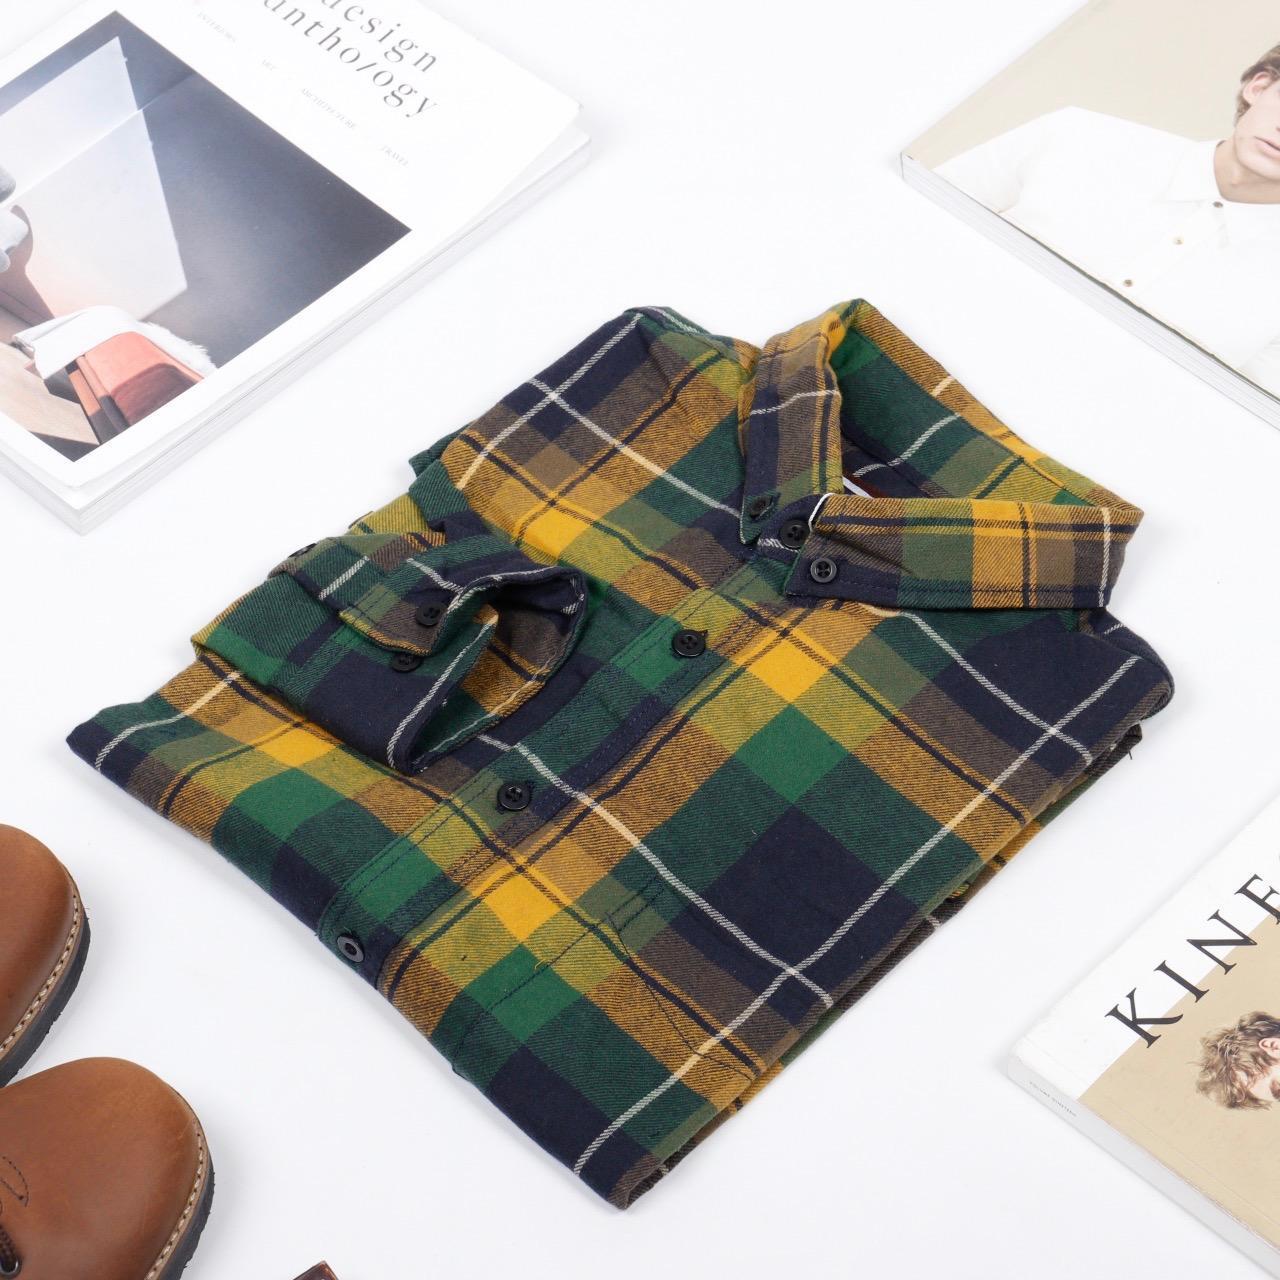 Kemeja Flanel Flannel Pria Navy Green Panjang Daftar Harga Terbaru Model Slimfit Modern Motif Kotak Monte Putih Xl Broodis Tazmania Best Seller 2